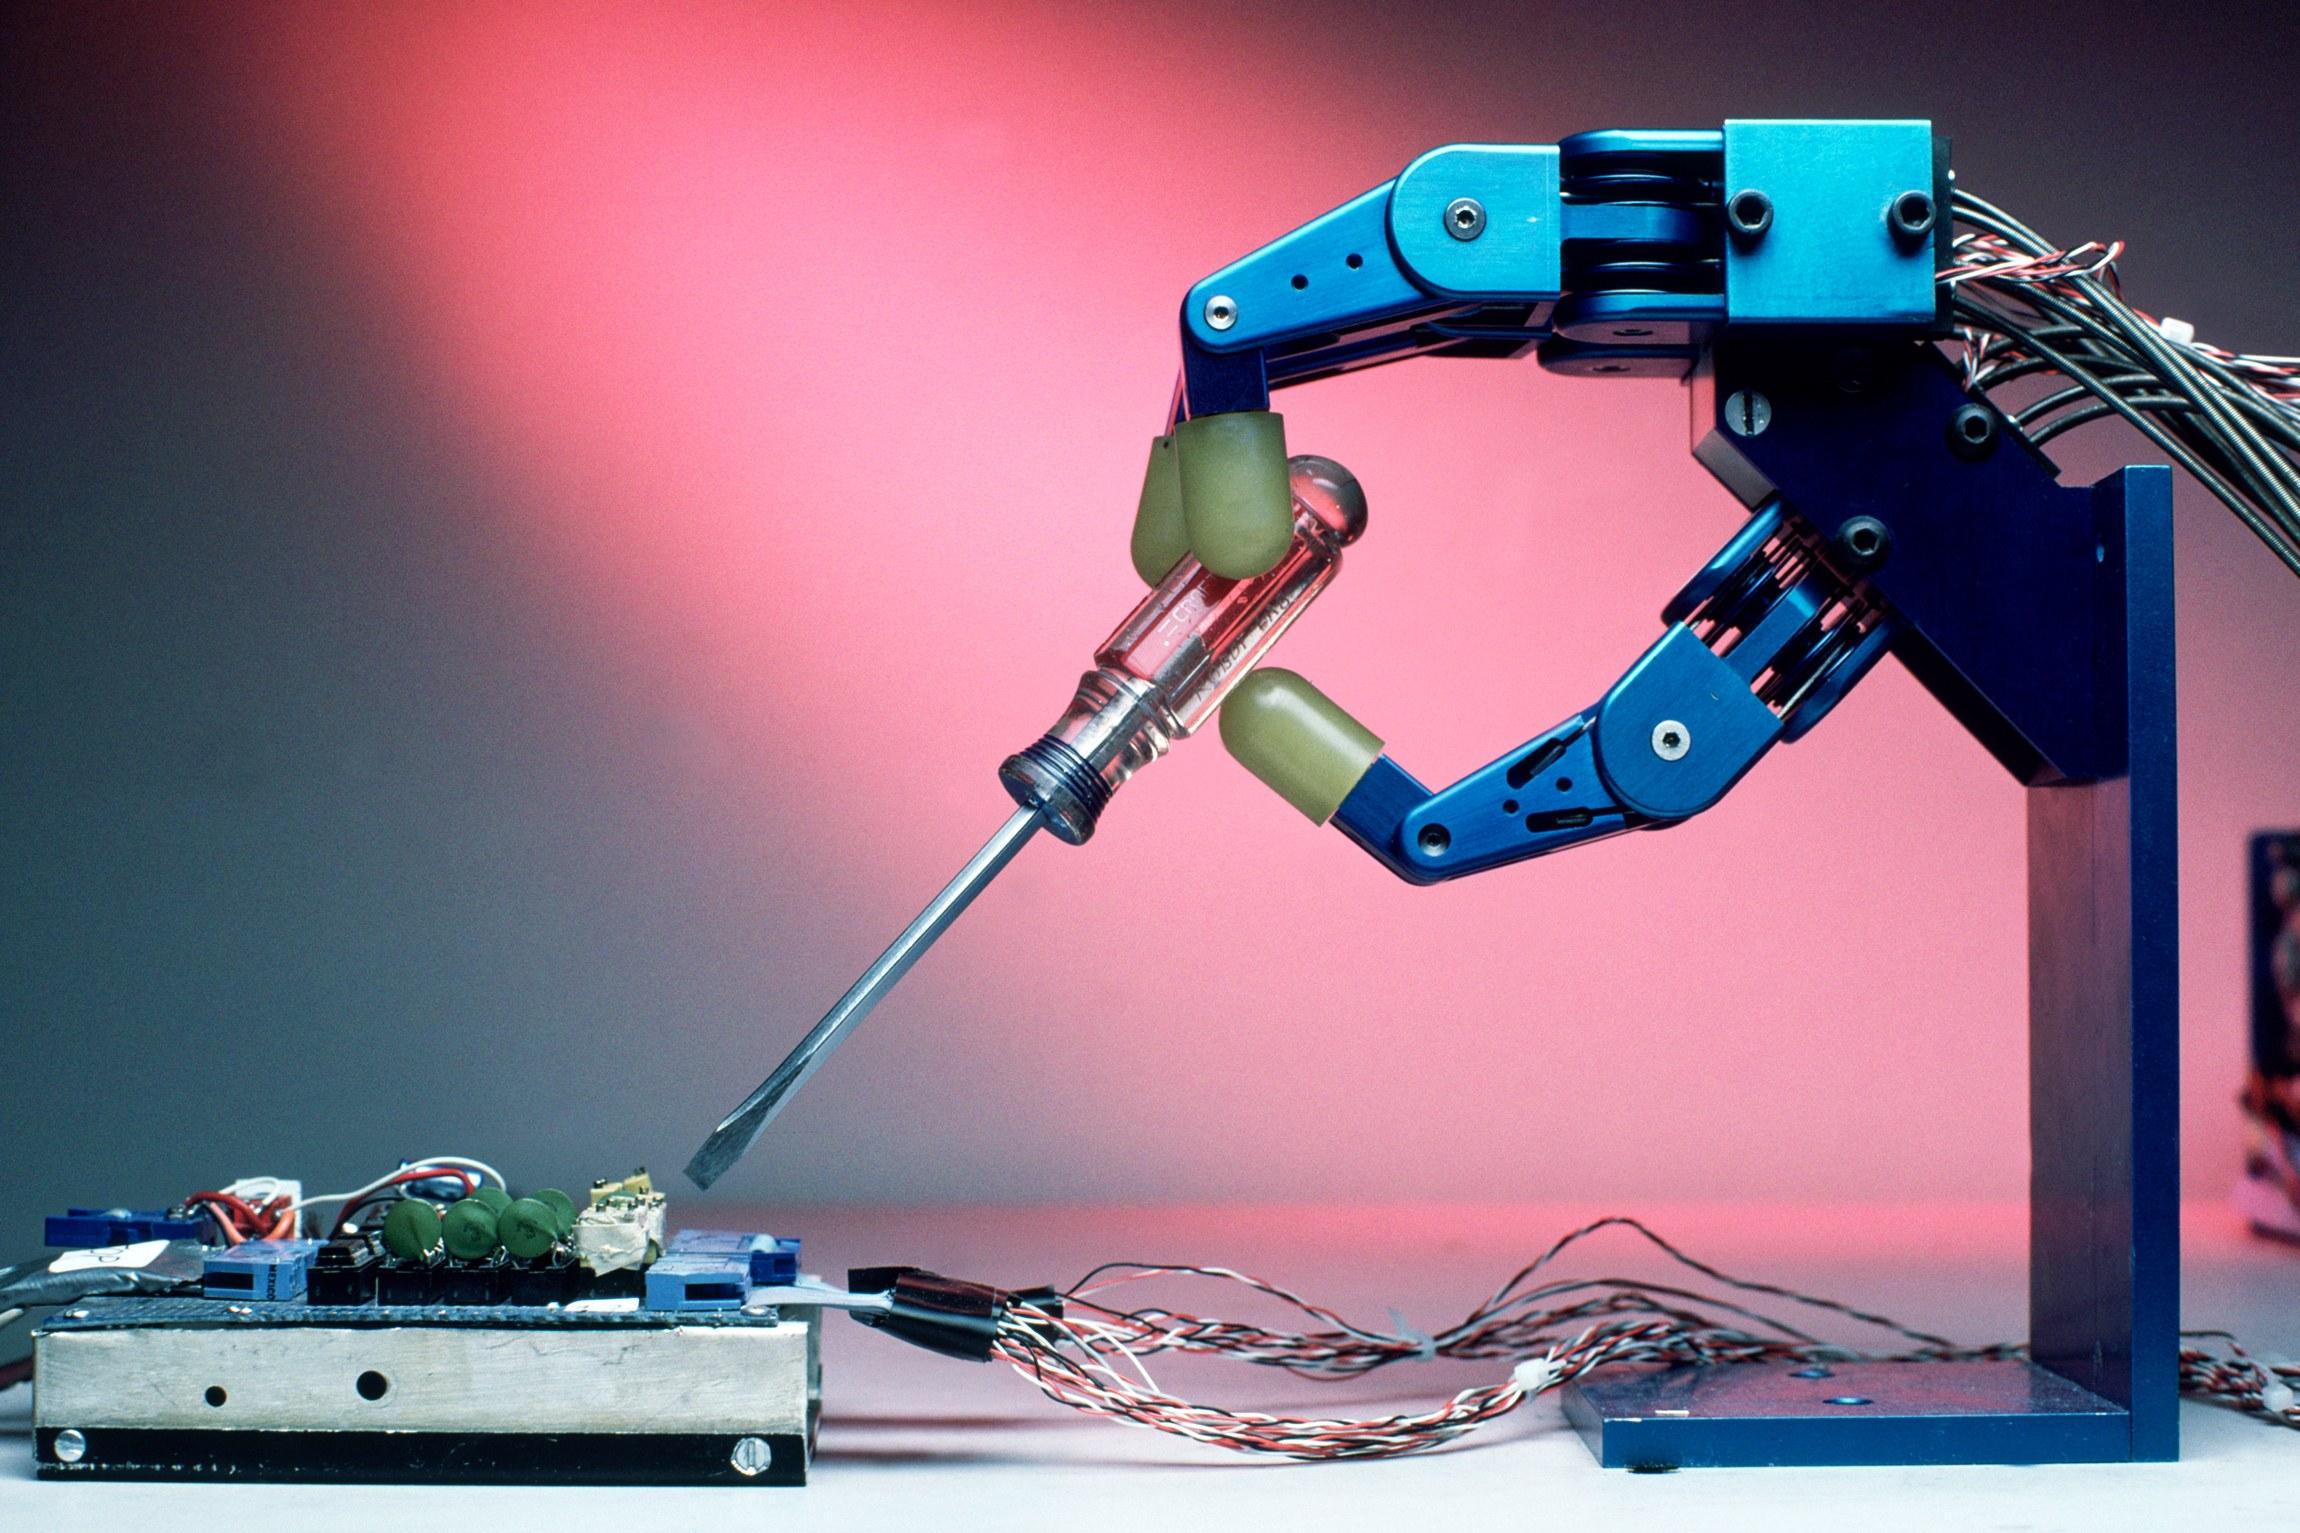 南加州大学机器人学家:机器人更适合粗暴的爱